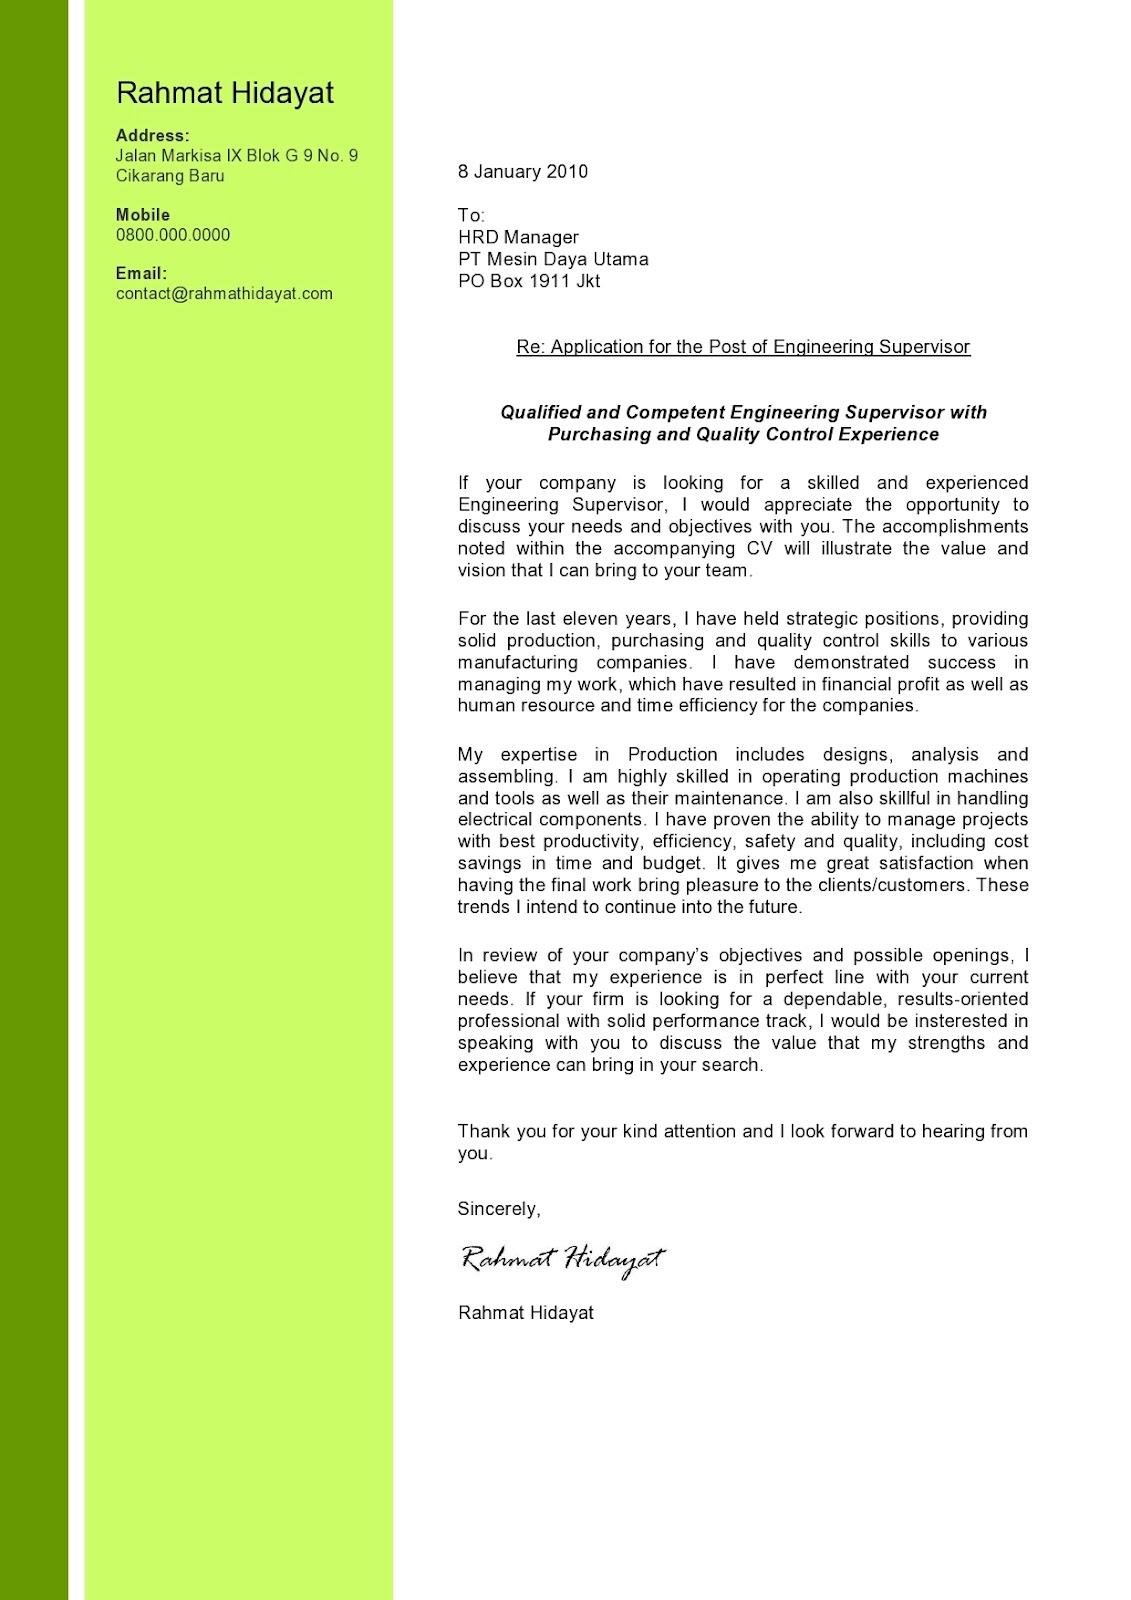 Contoh Surat Lamaran Kerja Bahasa Inggris Fresh Graduate Dan Artinya Kumpulan Surat Penting